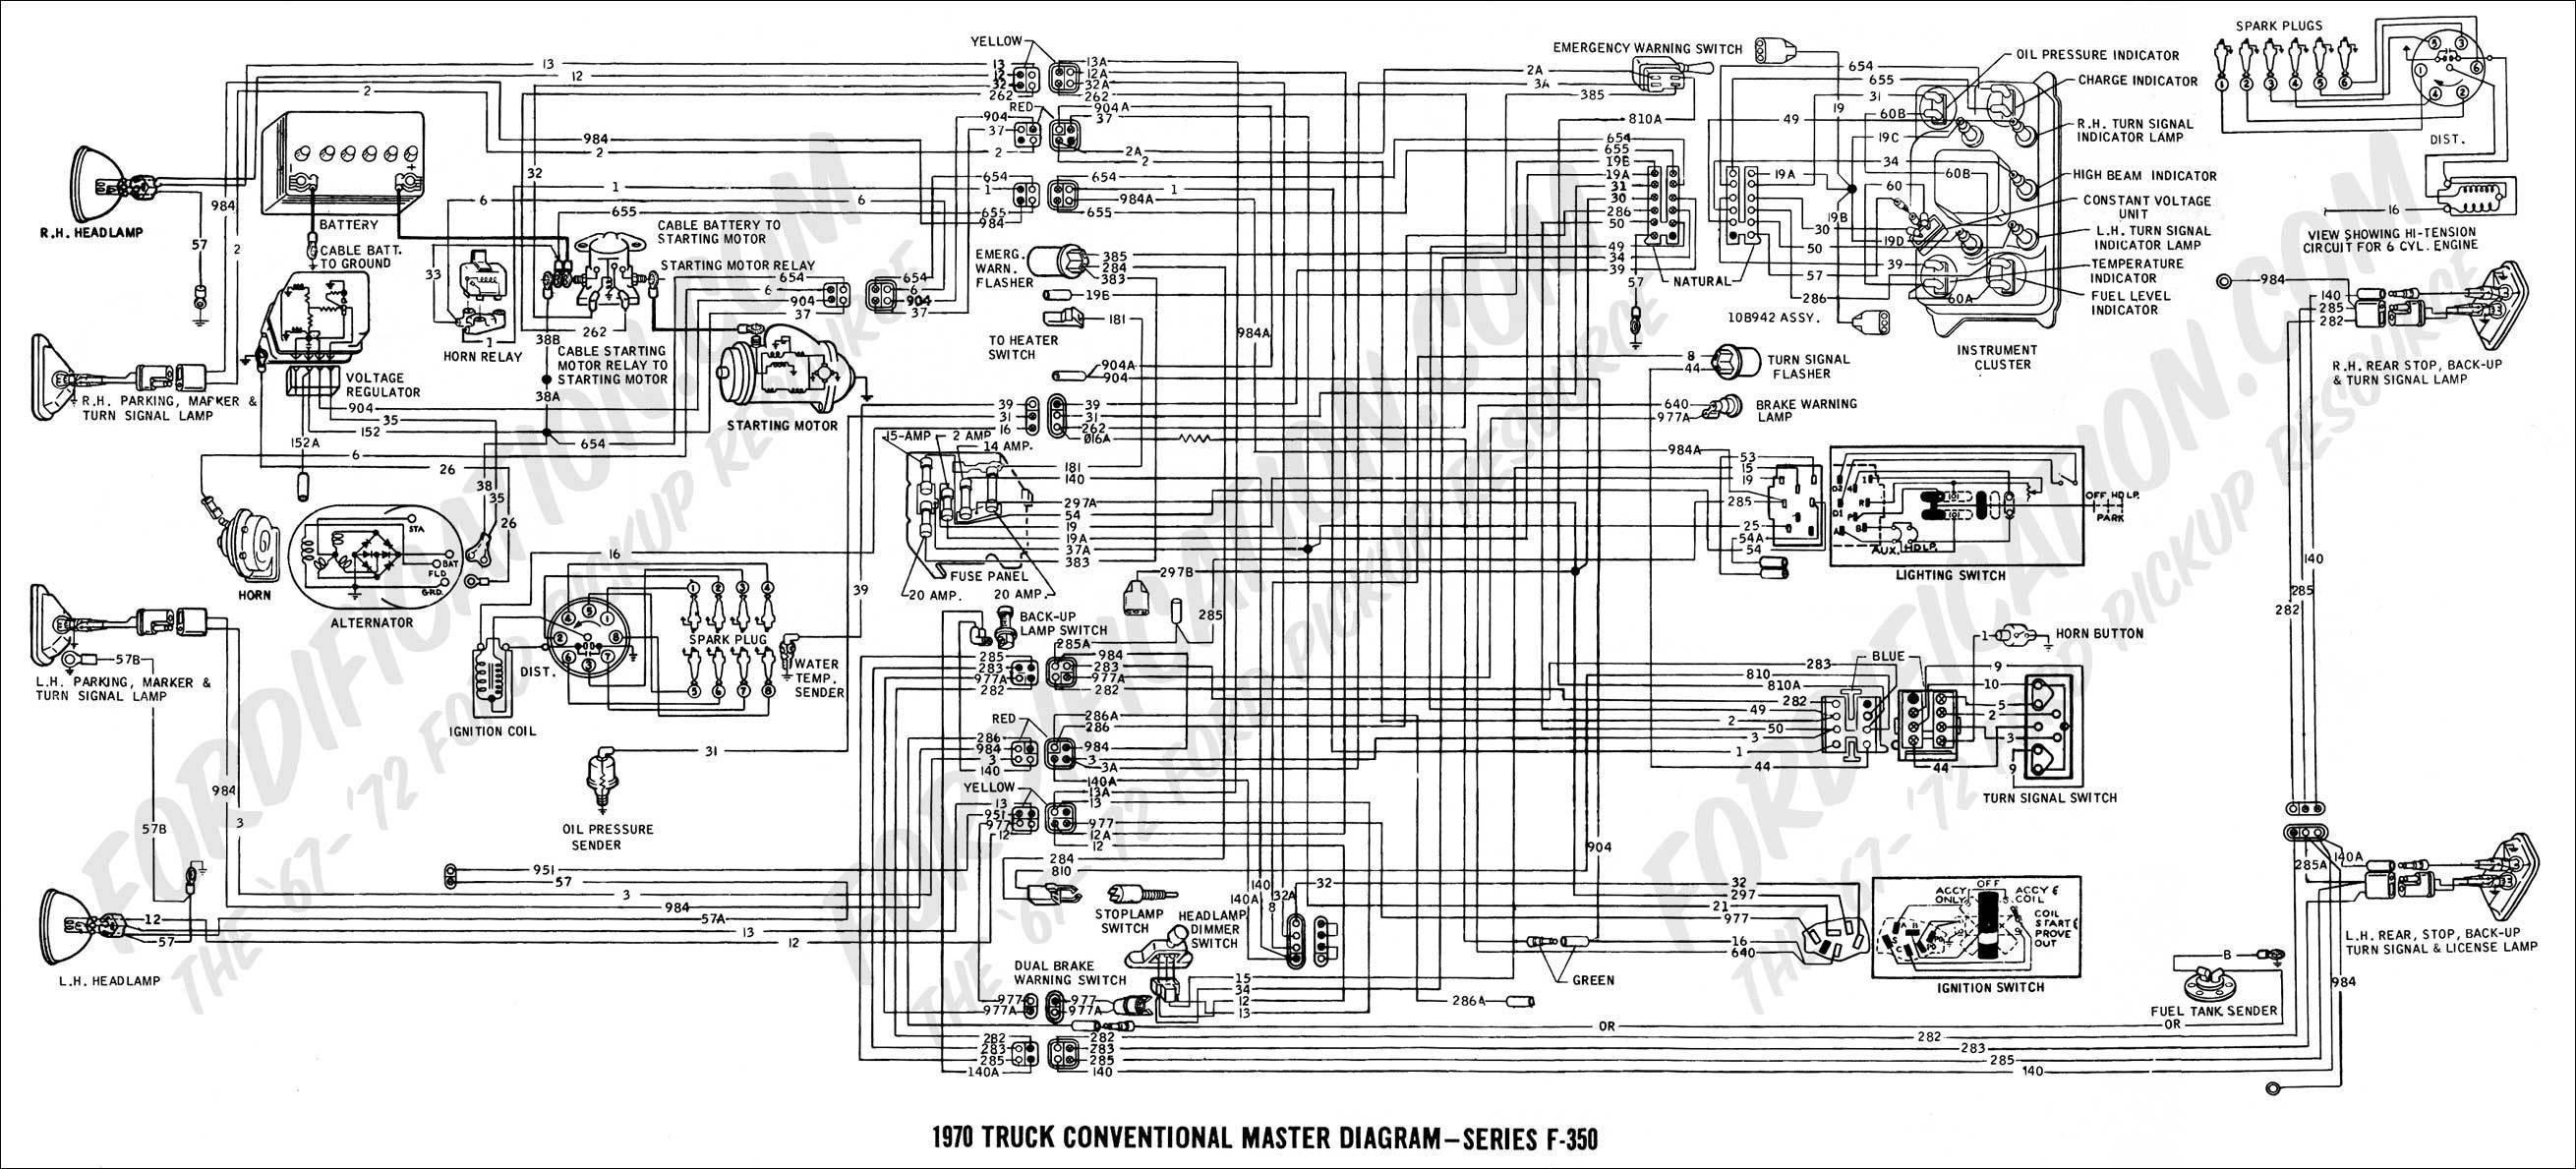 7 3 Powerstroke Engine Diagram 7 3 Powerstroke Glow Plug Relay Wiring Diagram New 2000 7 3 Glow Of 7 3 Powerstroke Engine Diagram